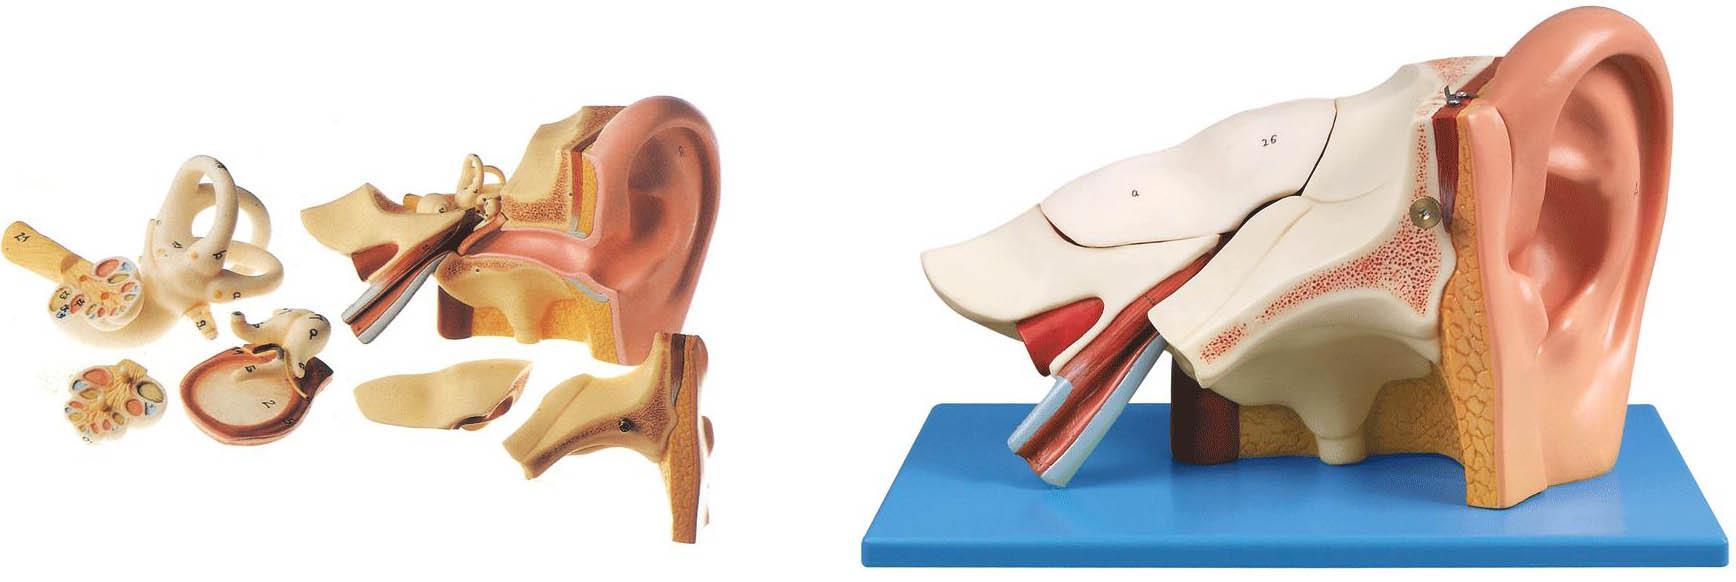 耳放大模型A17201,耳模型是我公司自行研发生产热销的医学教学模型,欢迎各医院单位订购021-63283651